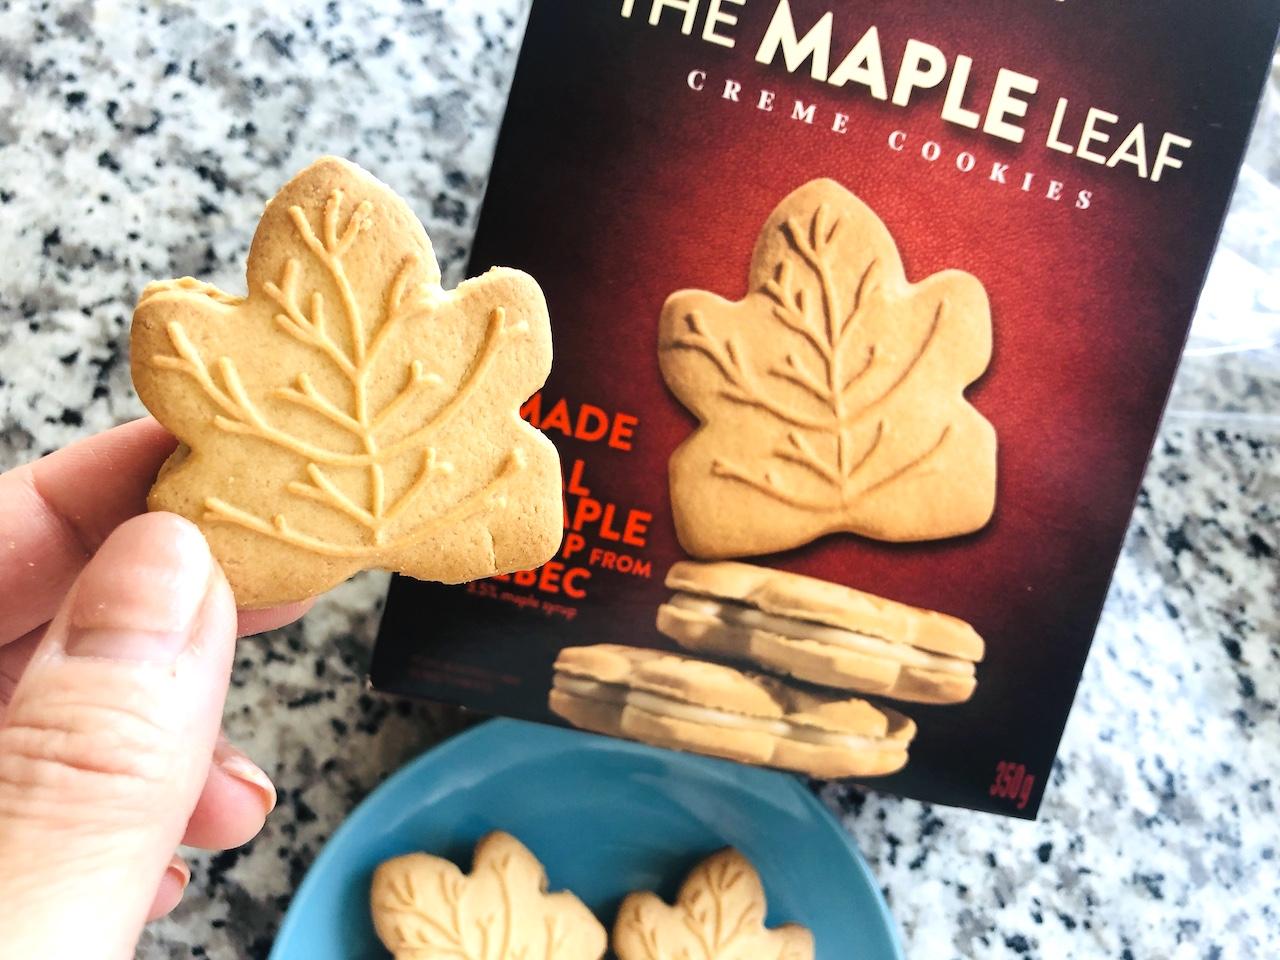 成城石井 人気商品 メープルクッキー